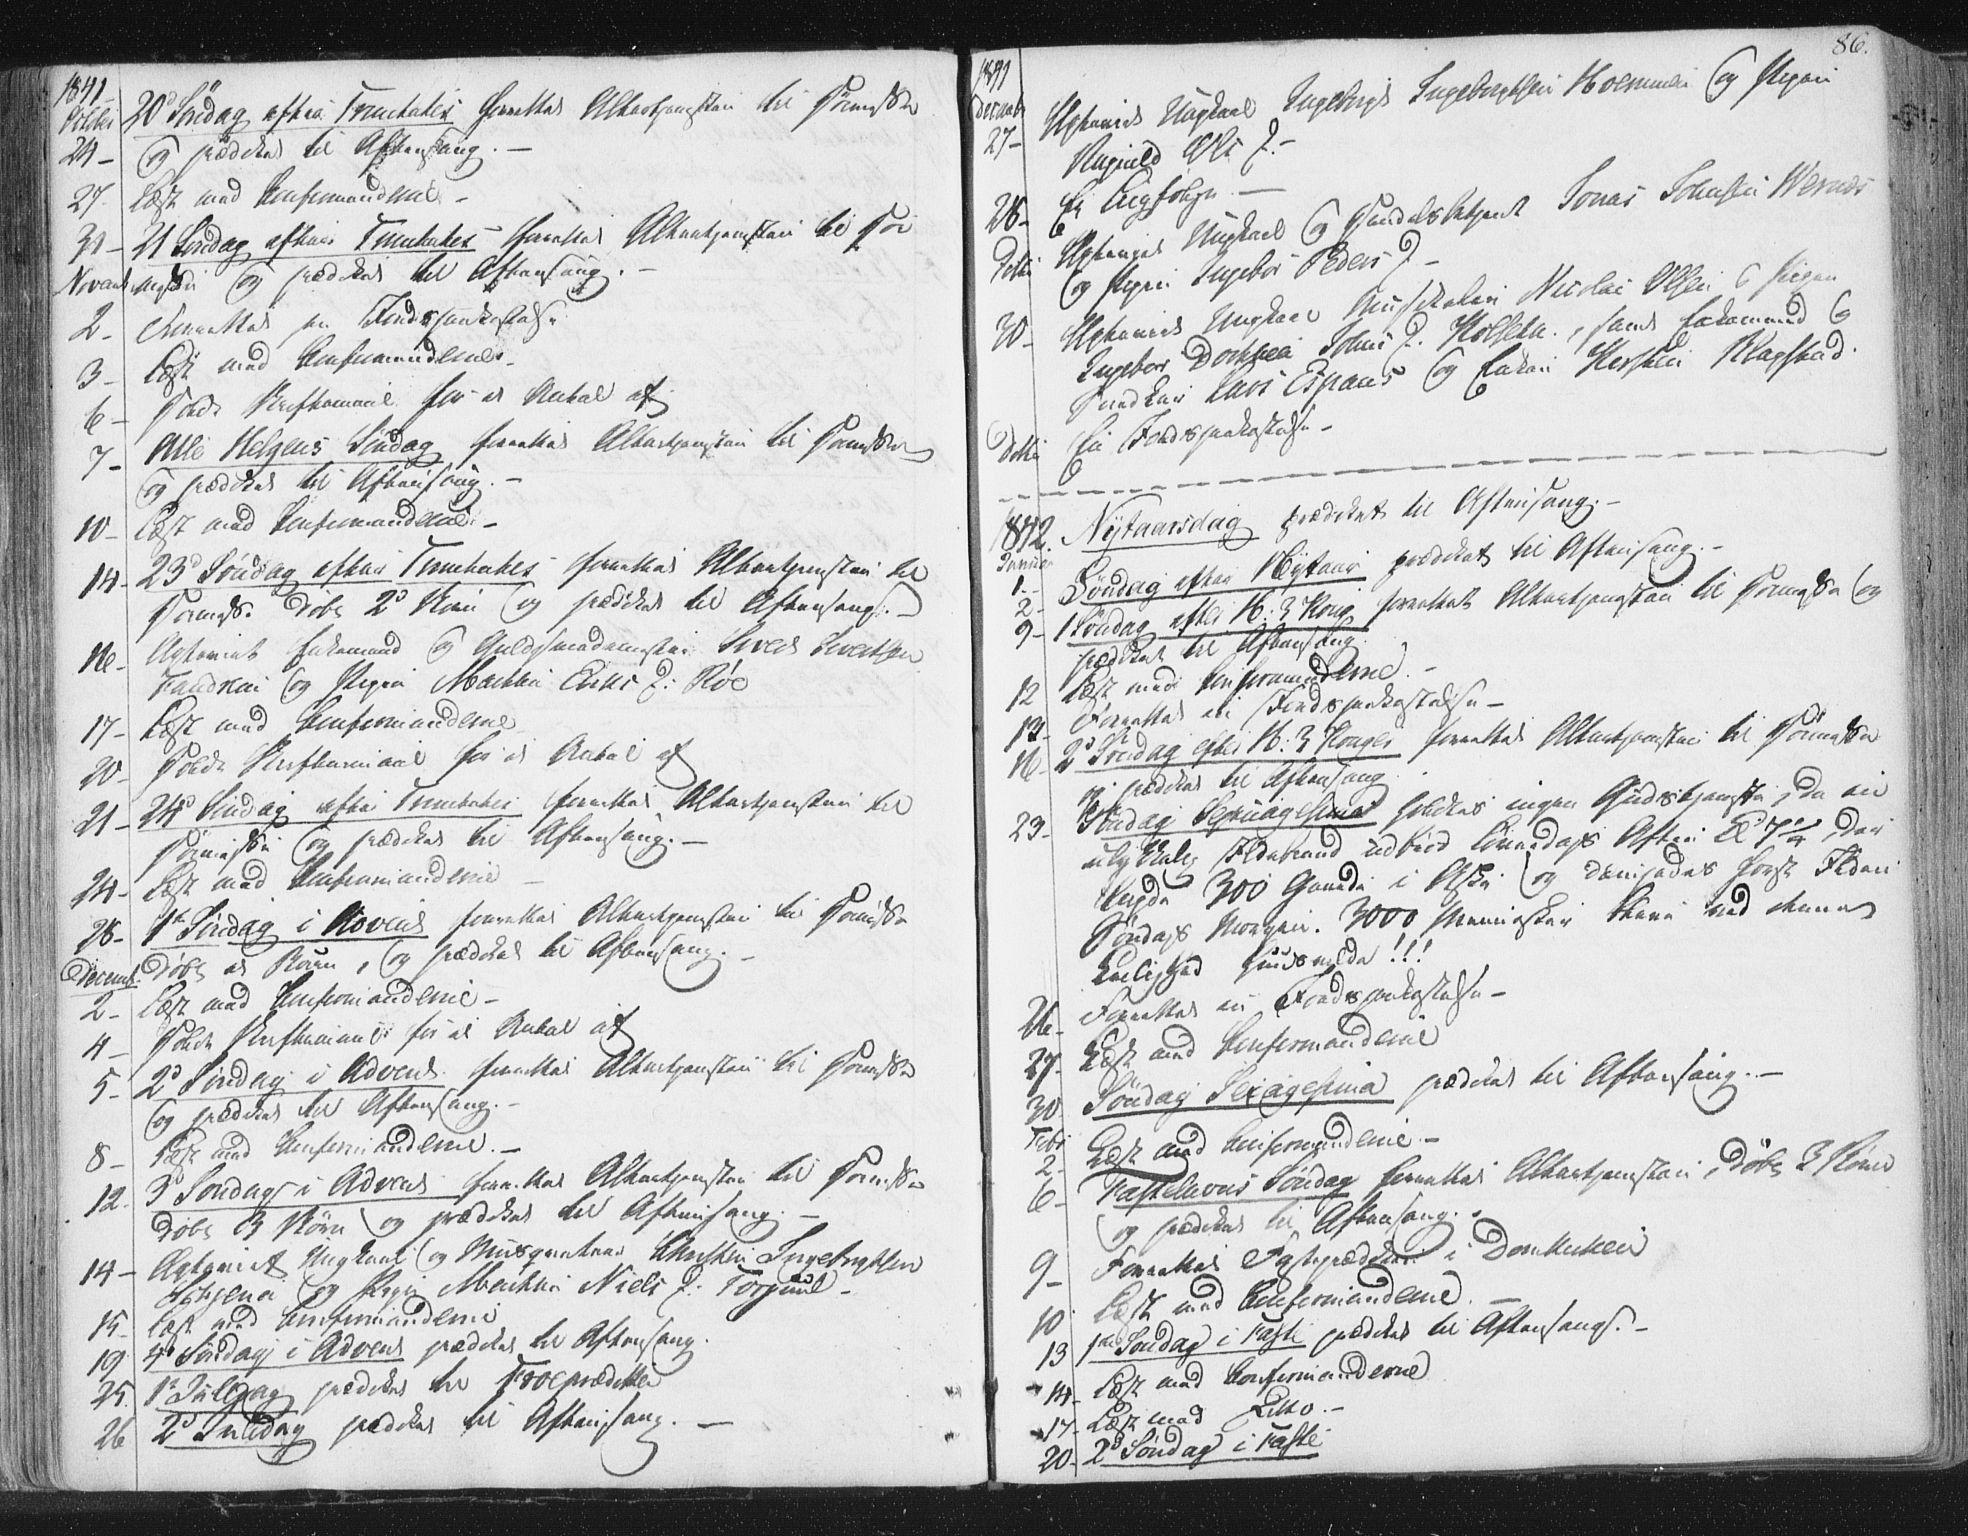 SAT, Ministerialprotokoller, klokkerbøker og fødselsregistre - Sør-Trøndelag, 602/L0127: Residerende kapellans bok nr. 602B01, 1821-1875, s. 86